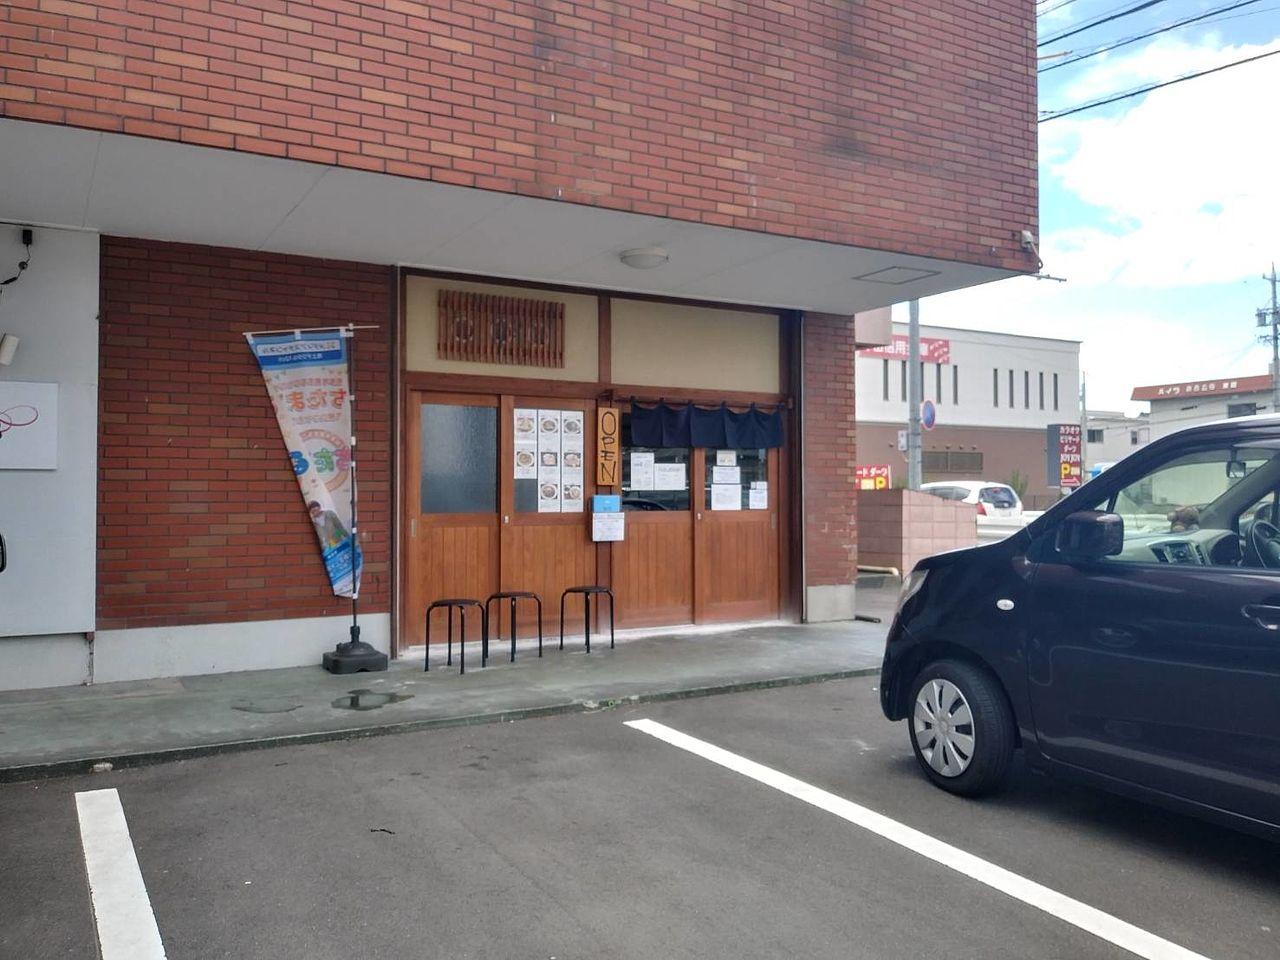 地元で長く愛されたうどん屋さんの跡を貸していただきました。東海市の繁華街「富木島町」の麺処うきとみ!店構えだけにこだわるラーメン店ではございません。